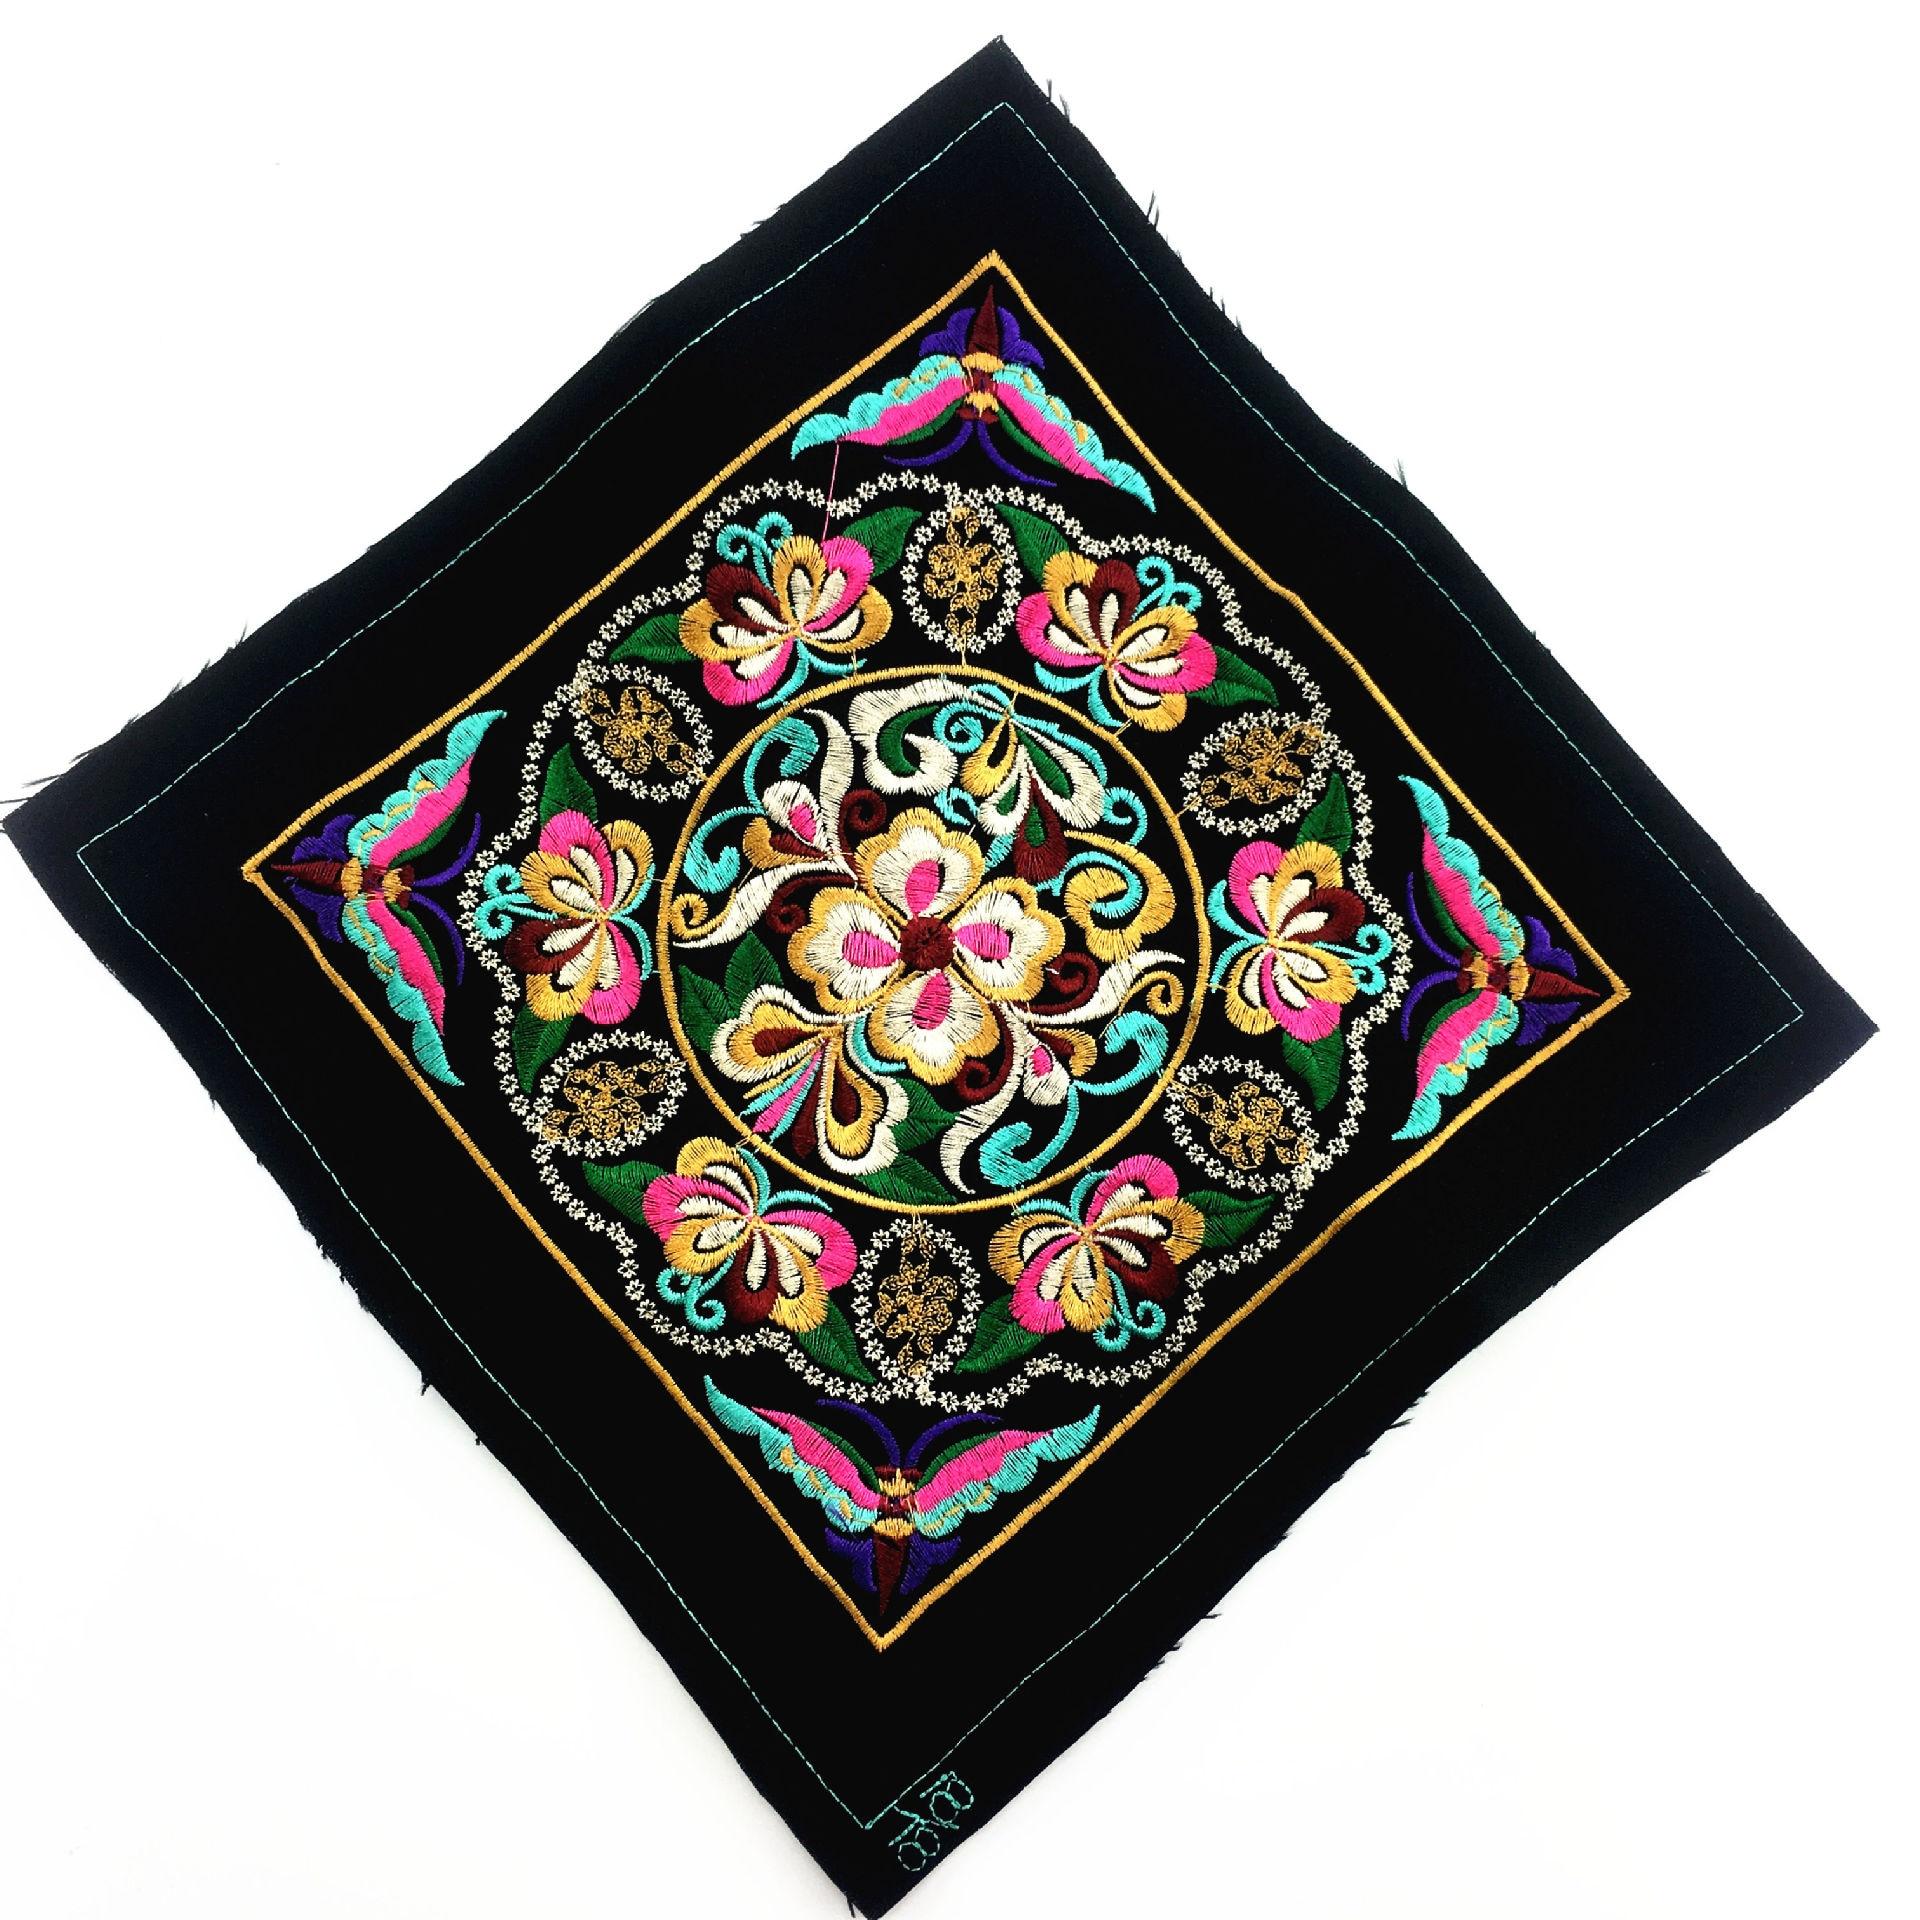 Большие квадратные патчи для вышивки, этнические Мяо-Патчи для шитья одежды, аксессуары для шитья, сумка для одежды, сделай сам, аппликация в...